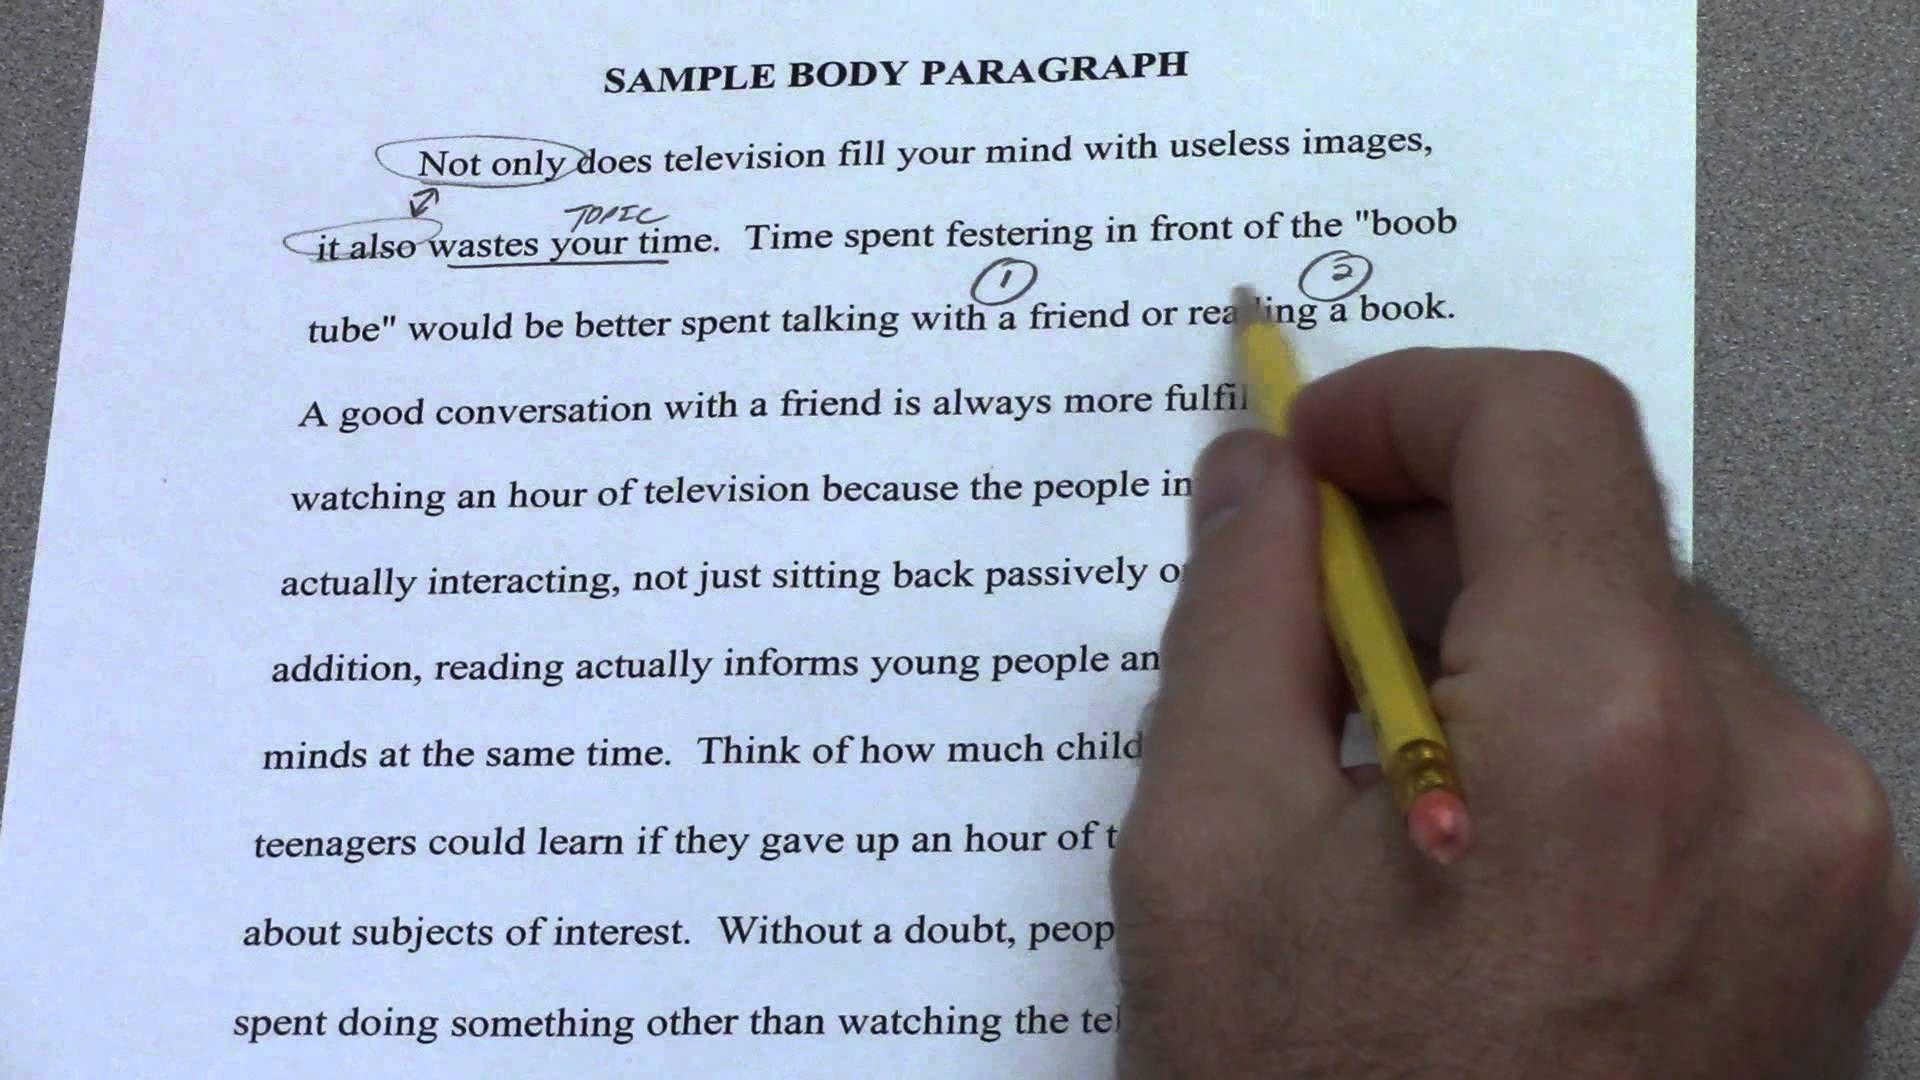 6 paragraph argument essay